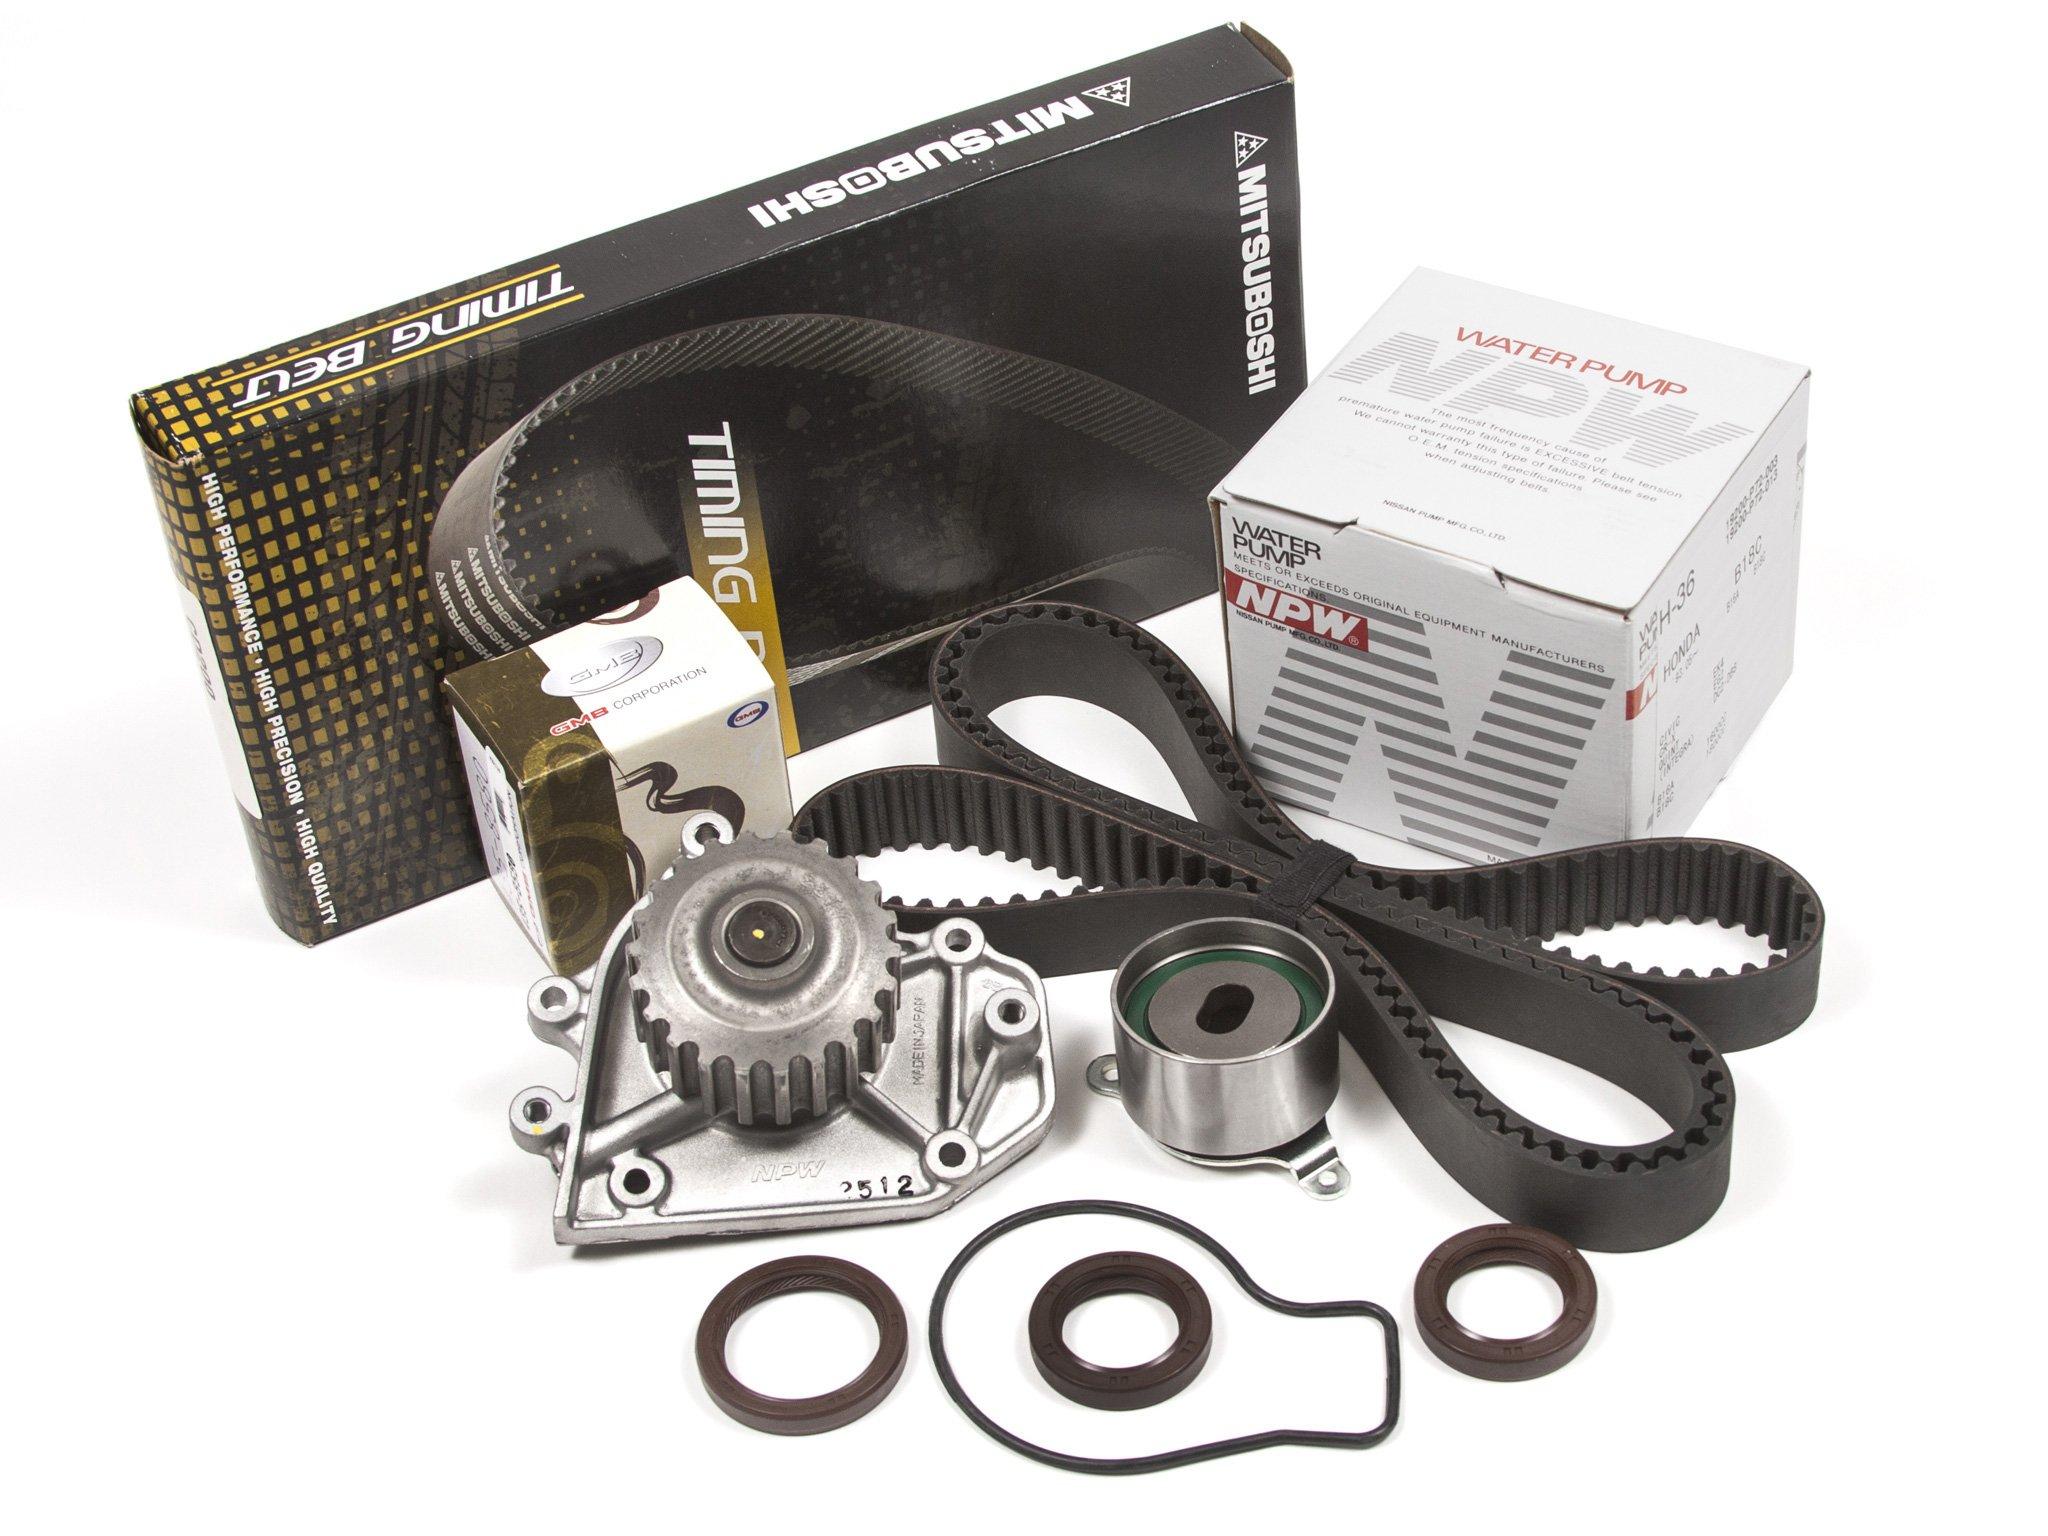 Evergreen tbk247mwpn 94 – 01 Acura Integra GSR Type-R VTEC – 1,8 DOHC B18 C1 B18 C5 correa de distribución Kit NPW Bomba de agua: Amazon.es: Coche y moto